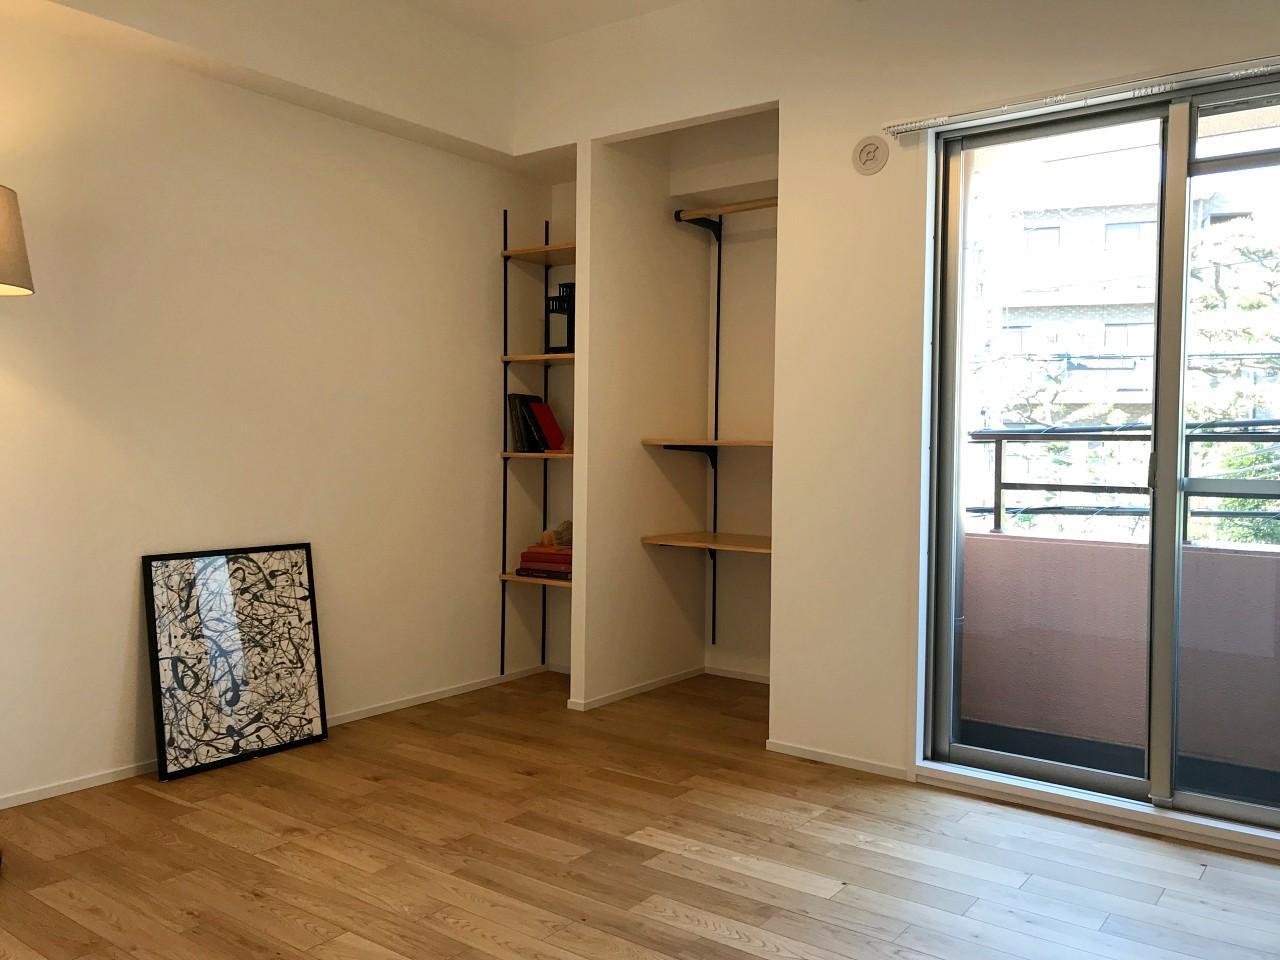 もう1つの洋個室。ここにも窓